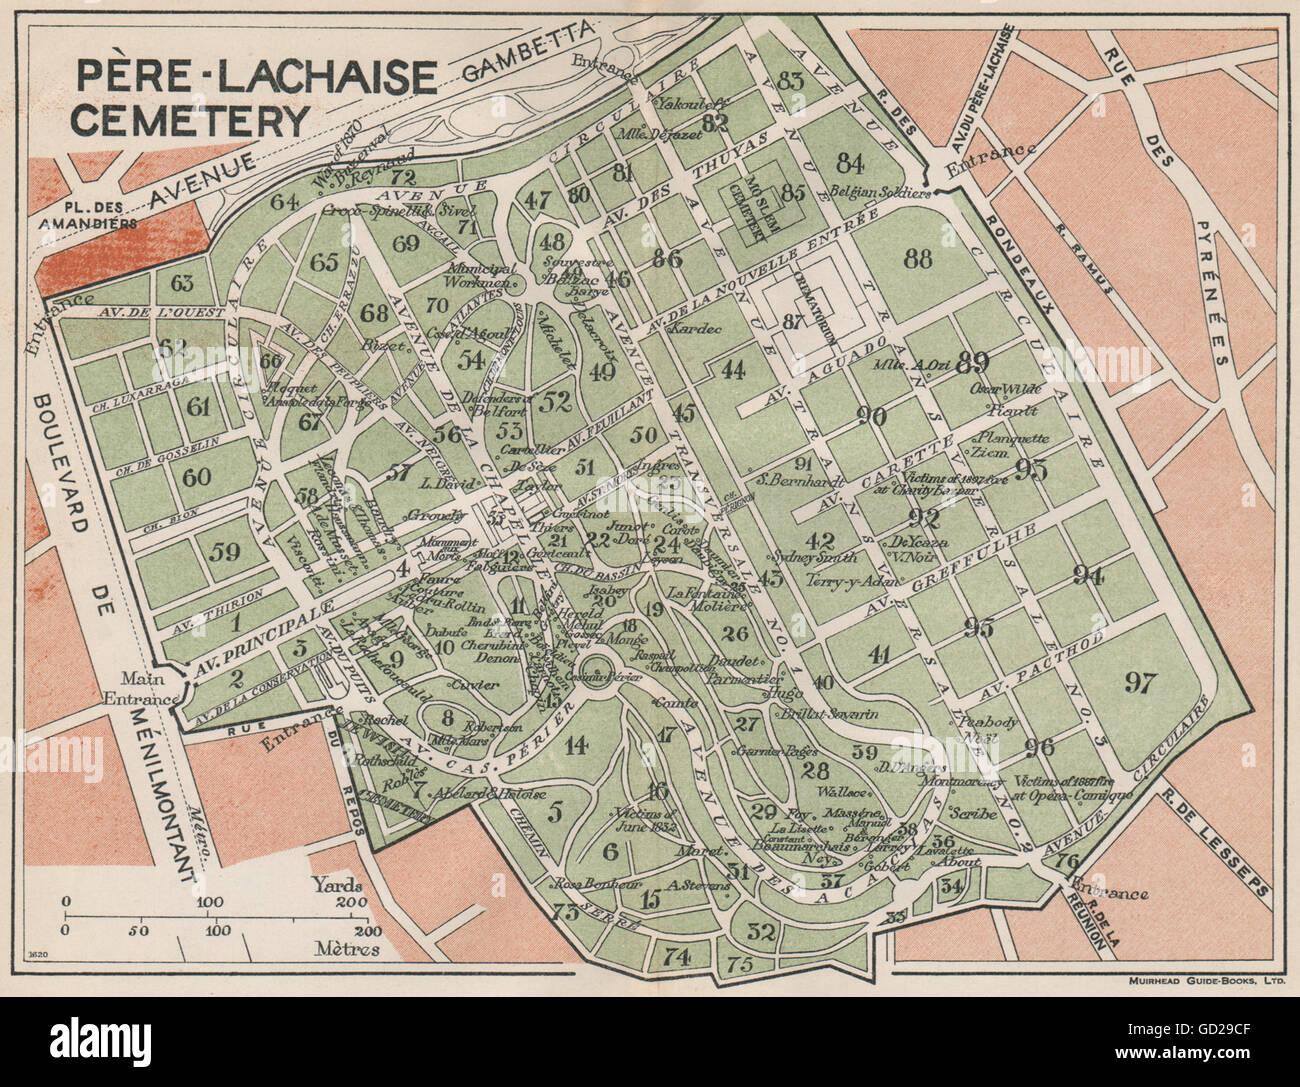 Père Lachaise Cemetery Map CIMETIÈRE DU PÈRE LACHAISE. Vintage map plan. Pere Lachaise  Père Lachaise Cemetery Map